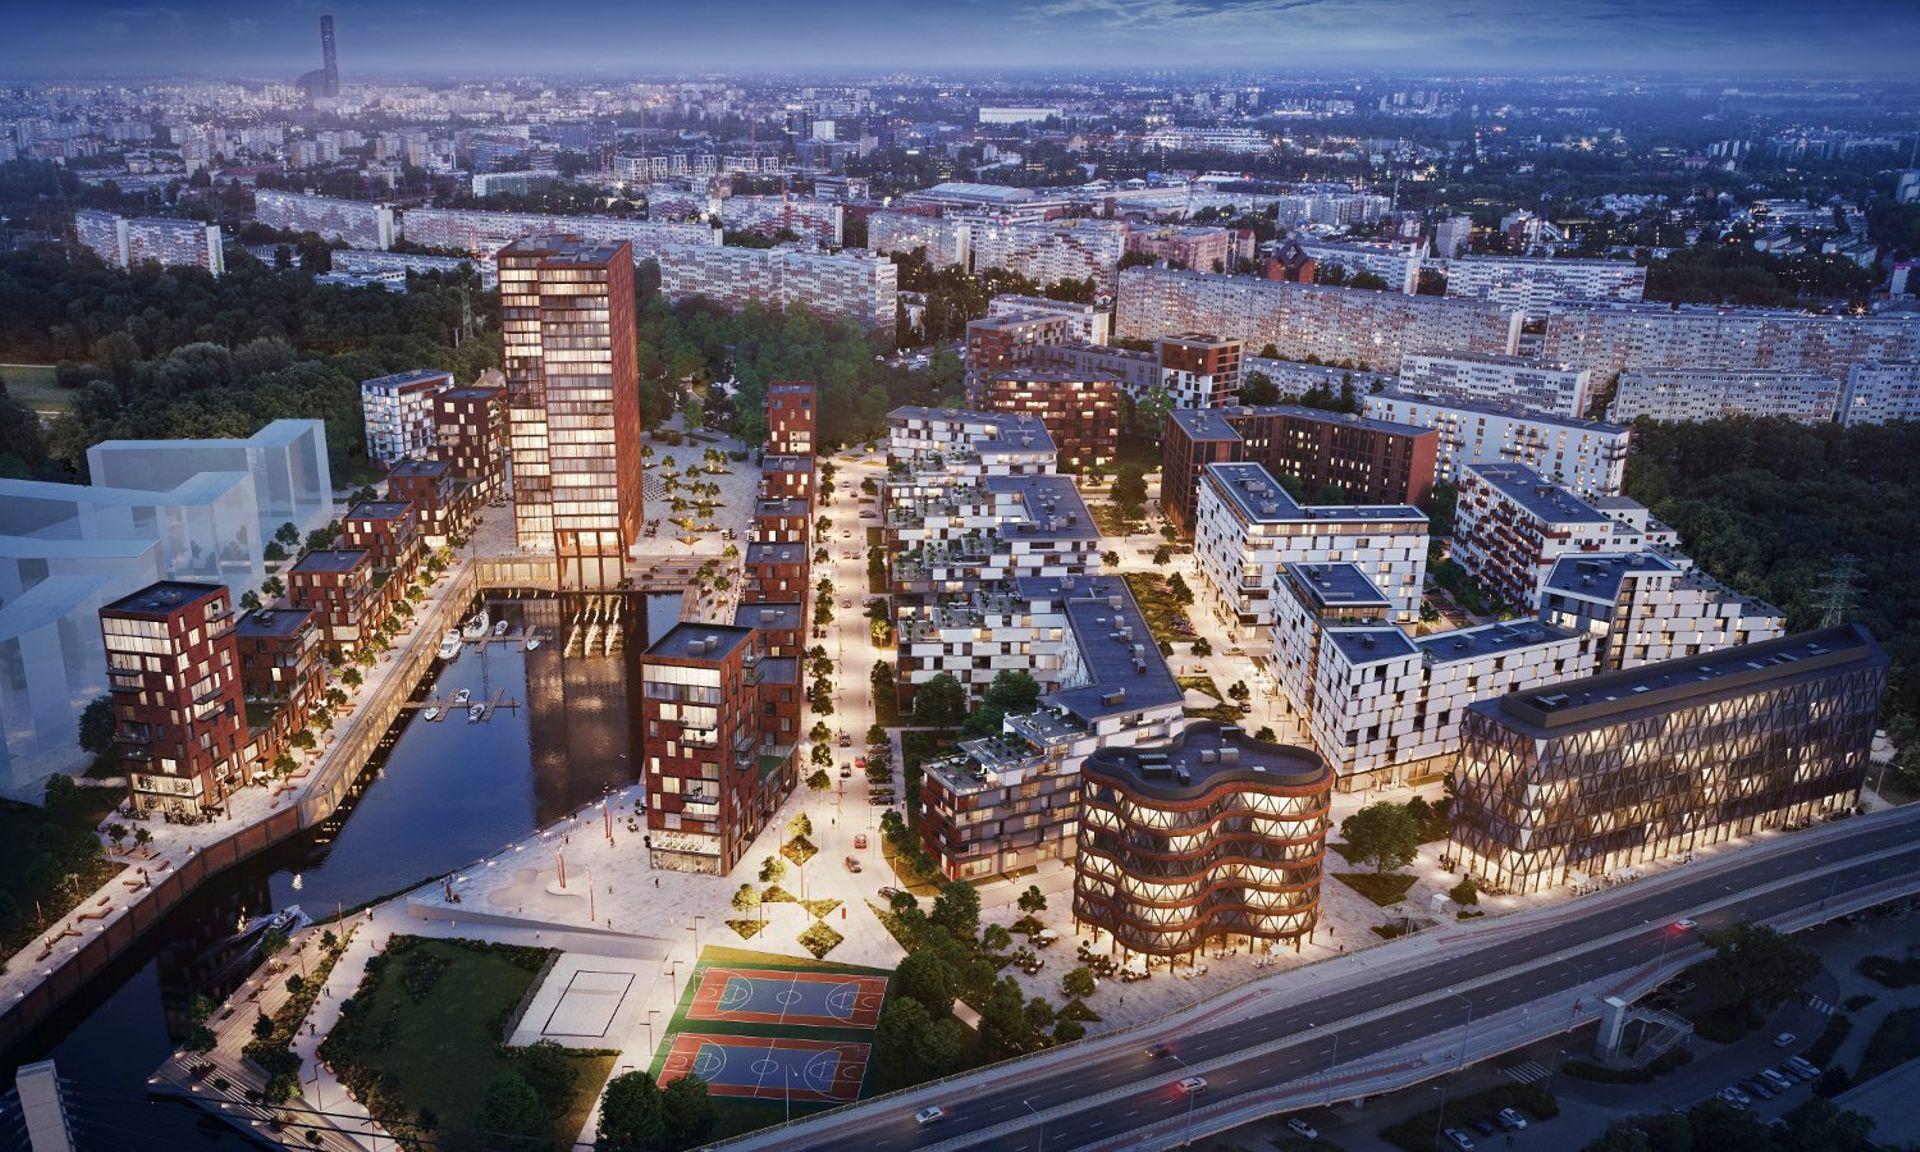 Ruszy budowa III etapu osiedla Port Popowice we Wrocławiu